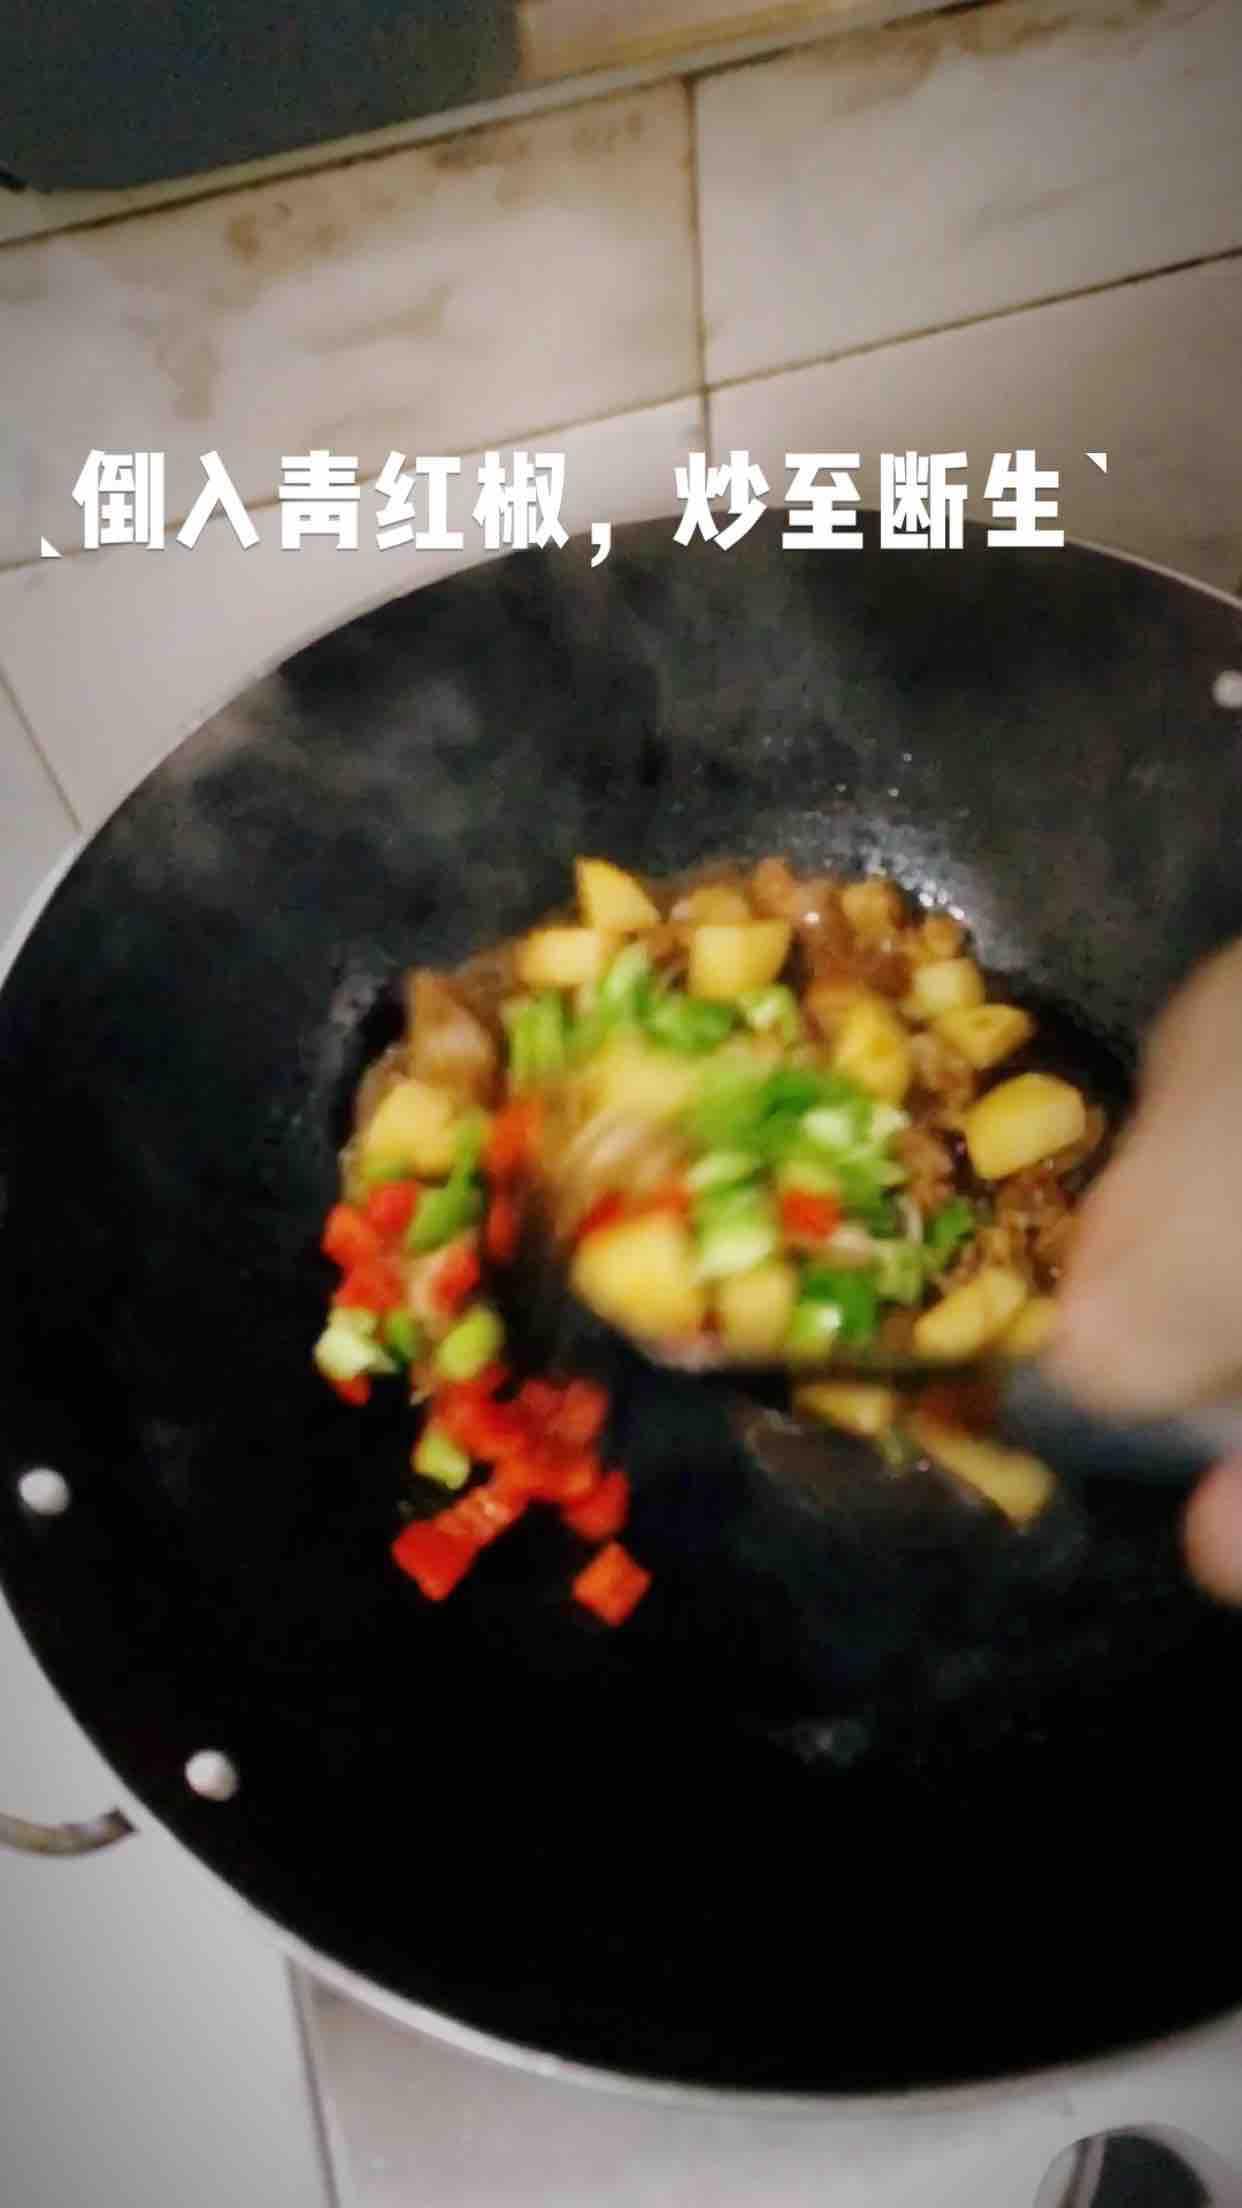 土豆焖猪手怎么煮